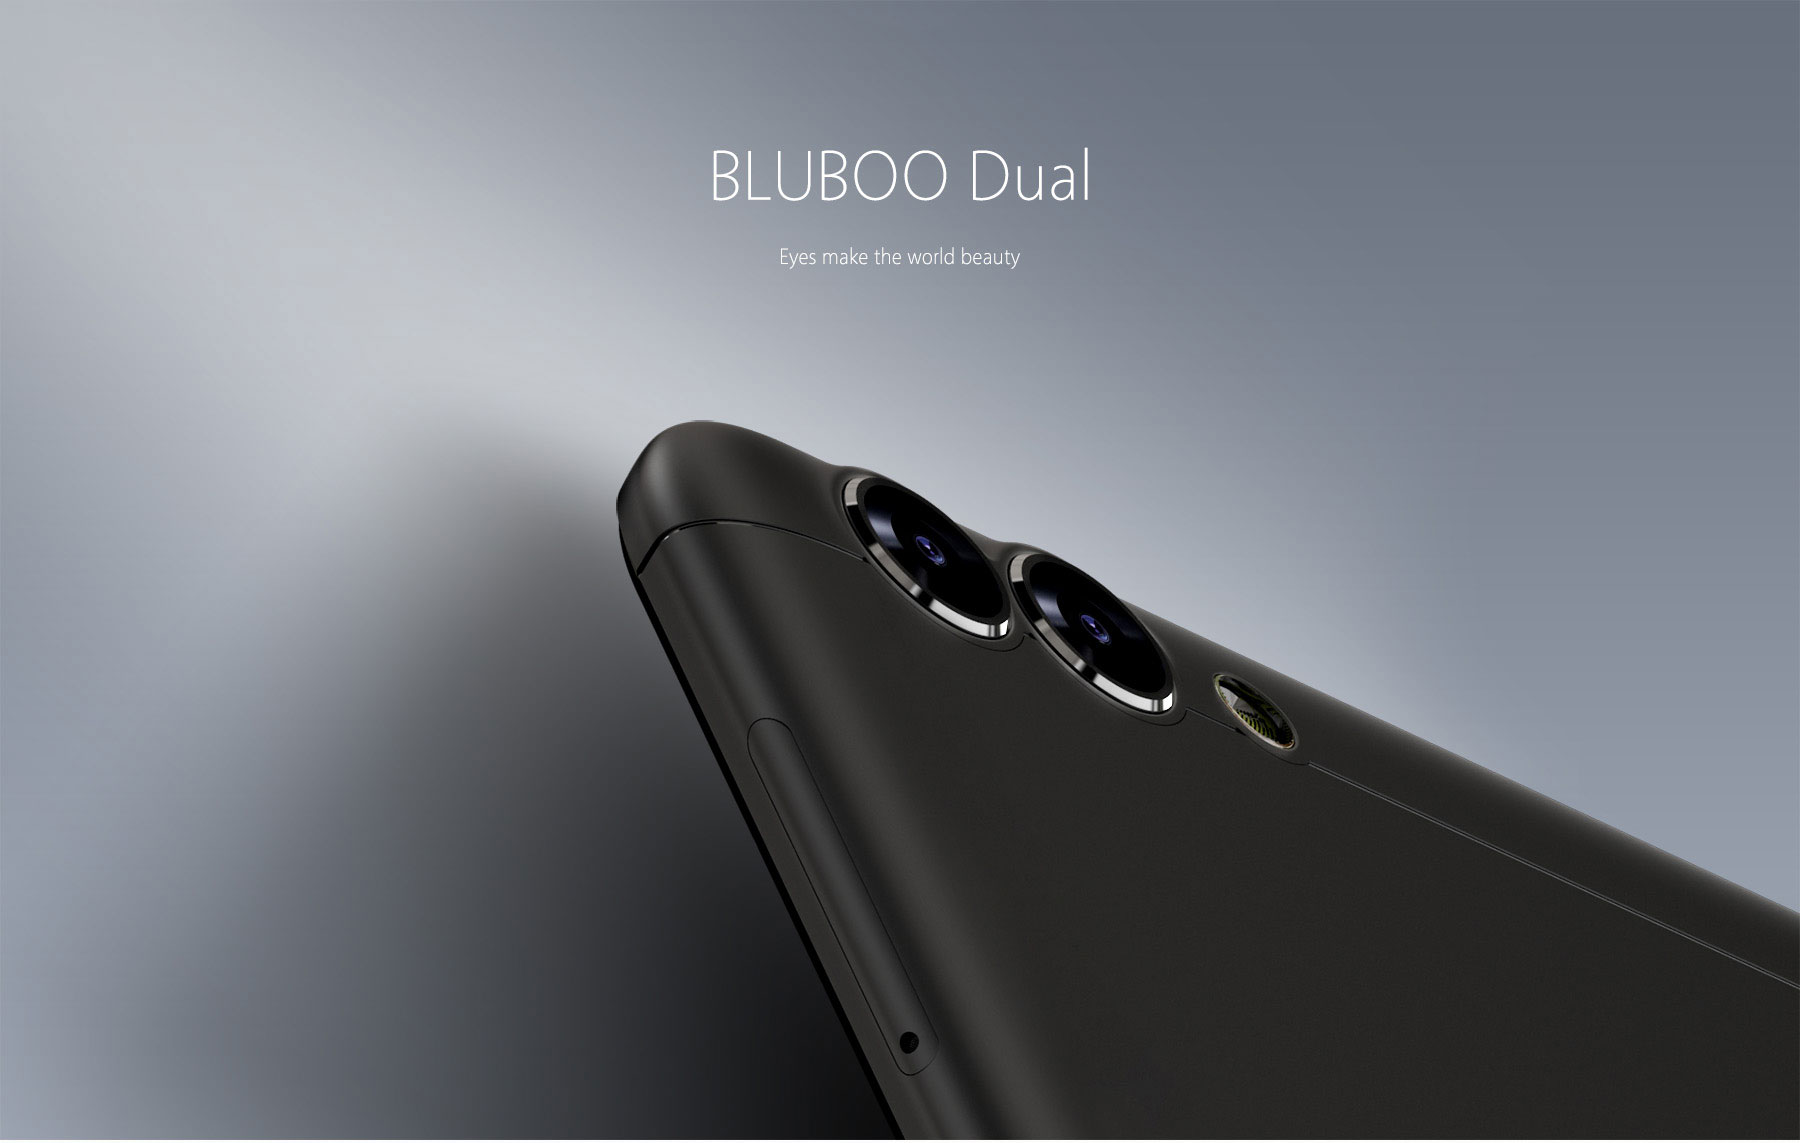 Bluboo Dual 4G Phablet носи на гърба си двойна основна камера - 13MP плюс 2MB